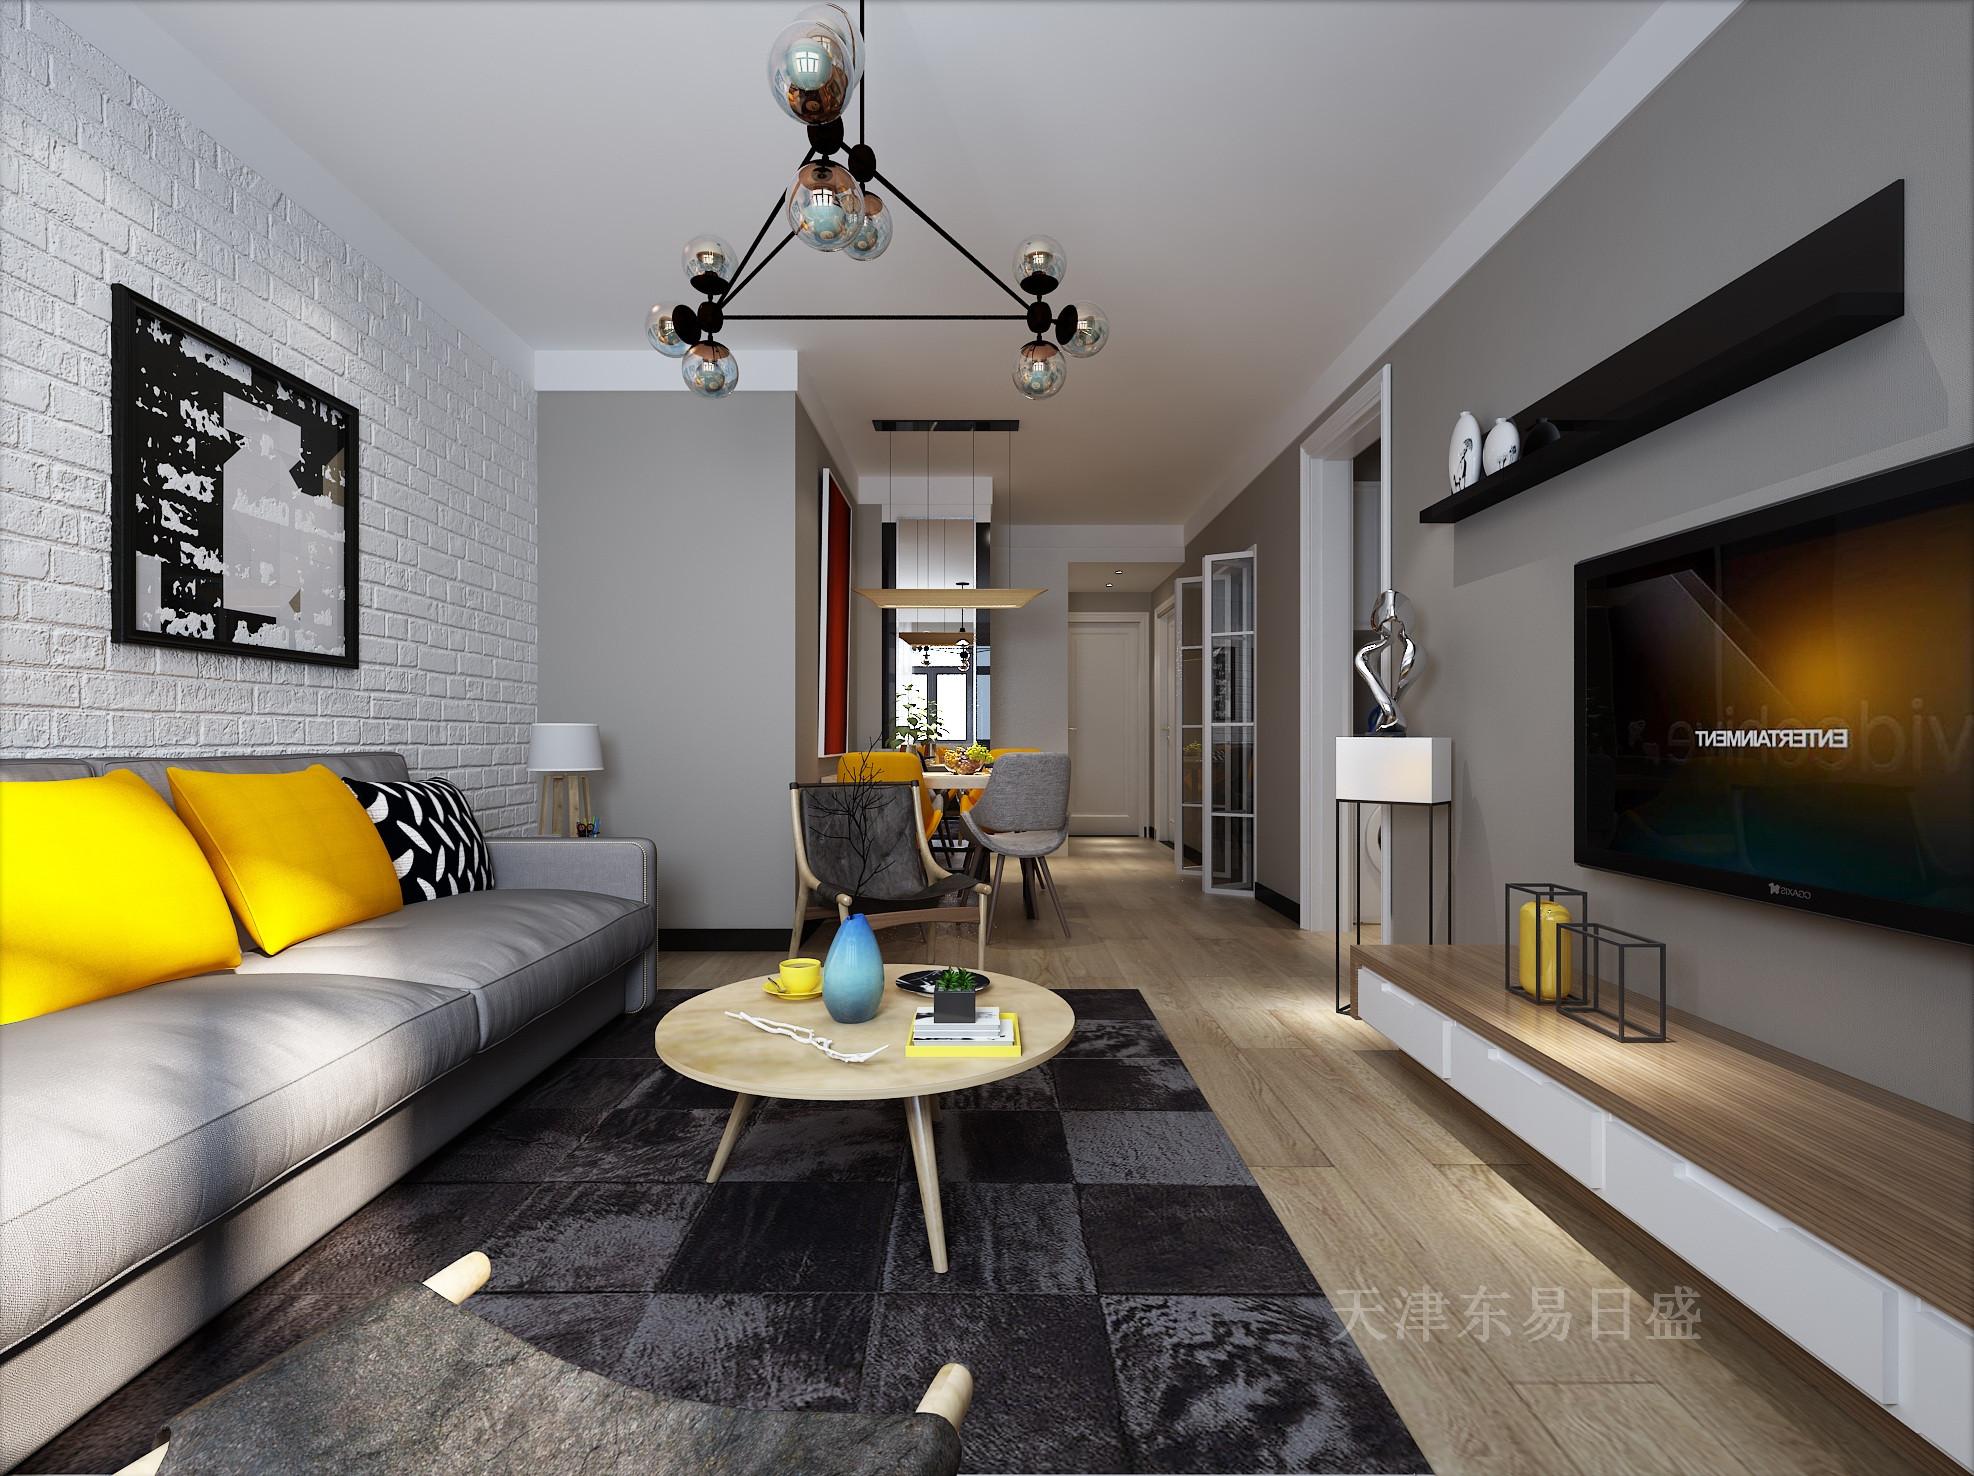 95平米北欧风格三室装修效果图,自然清新,轻松和谐的氛围